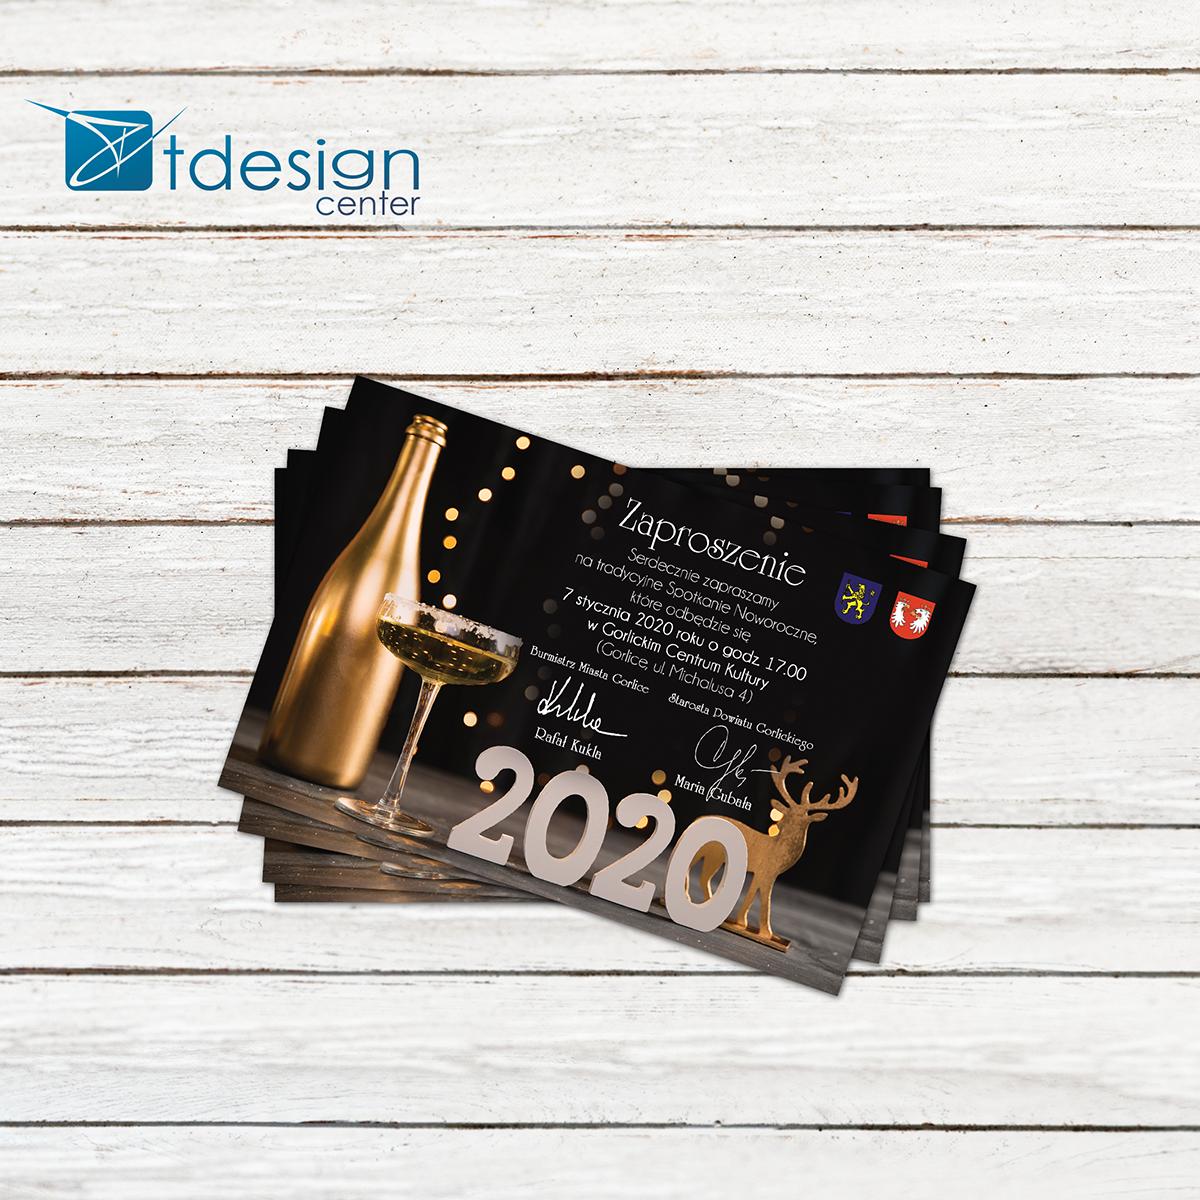 Kartka pocztowa/zaproszenie 150x98mm - projekt + druk